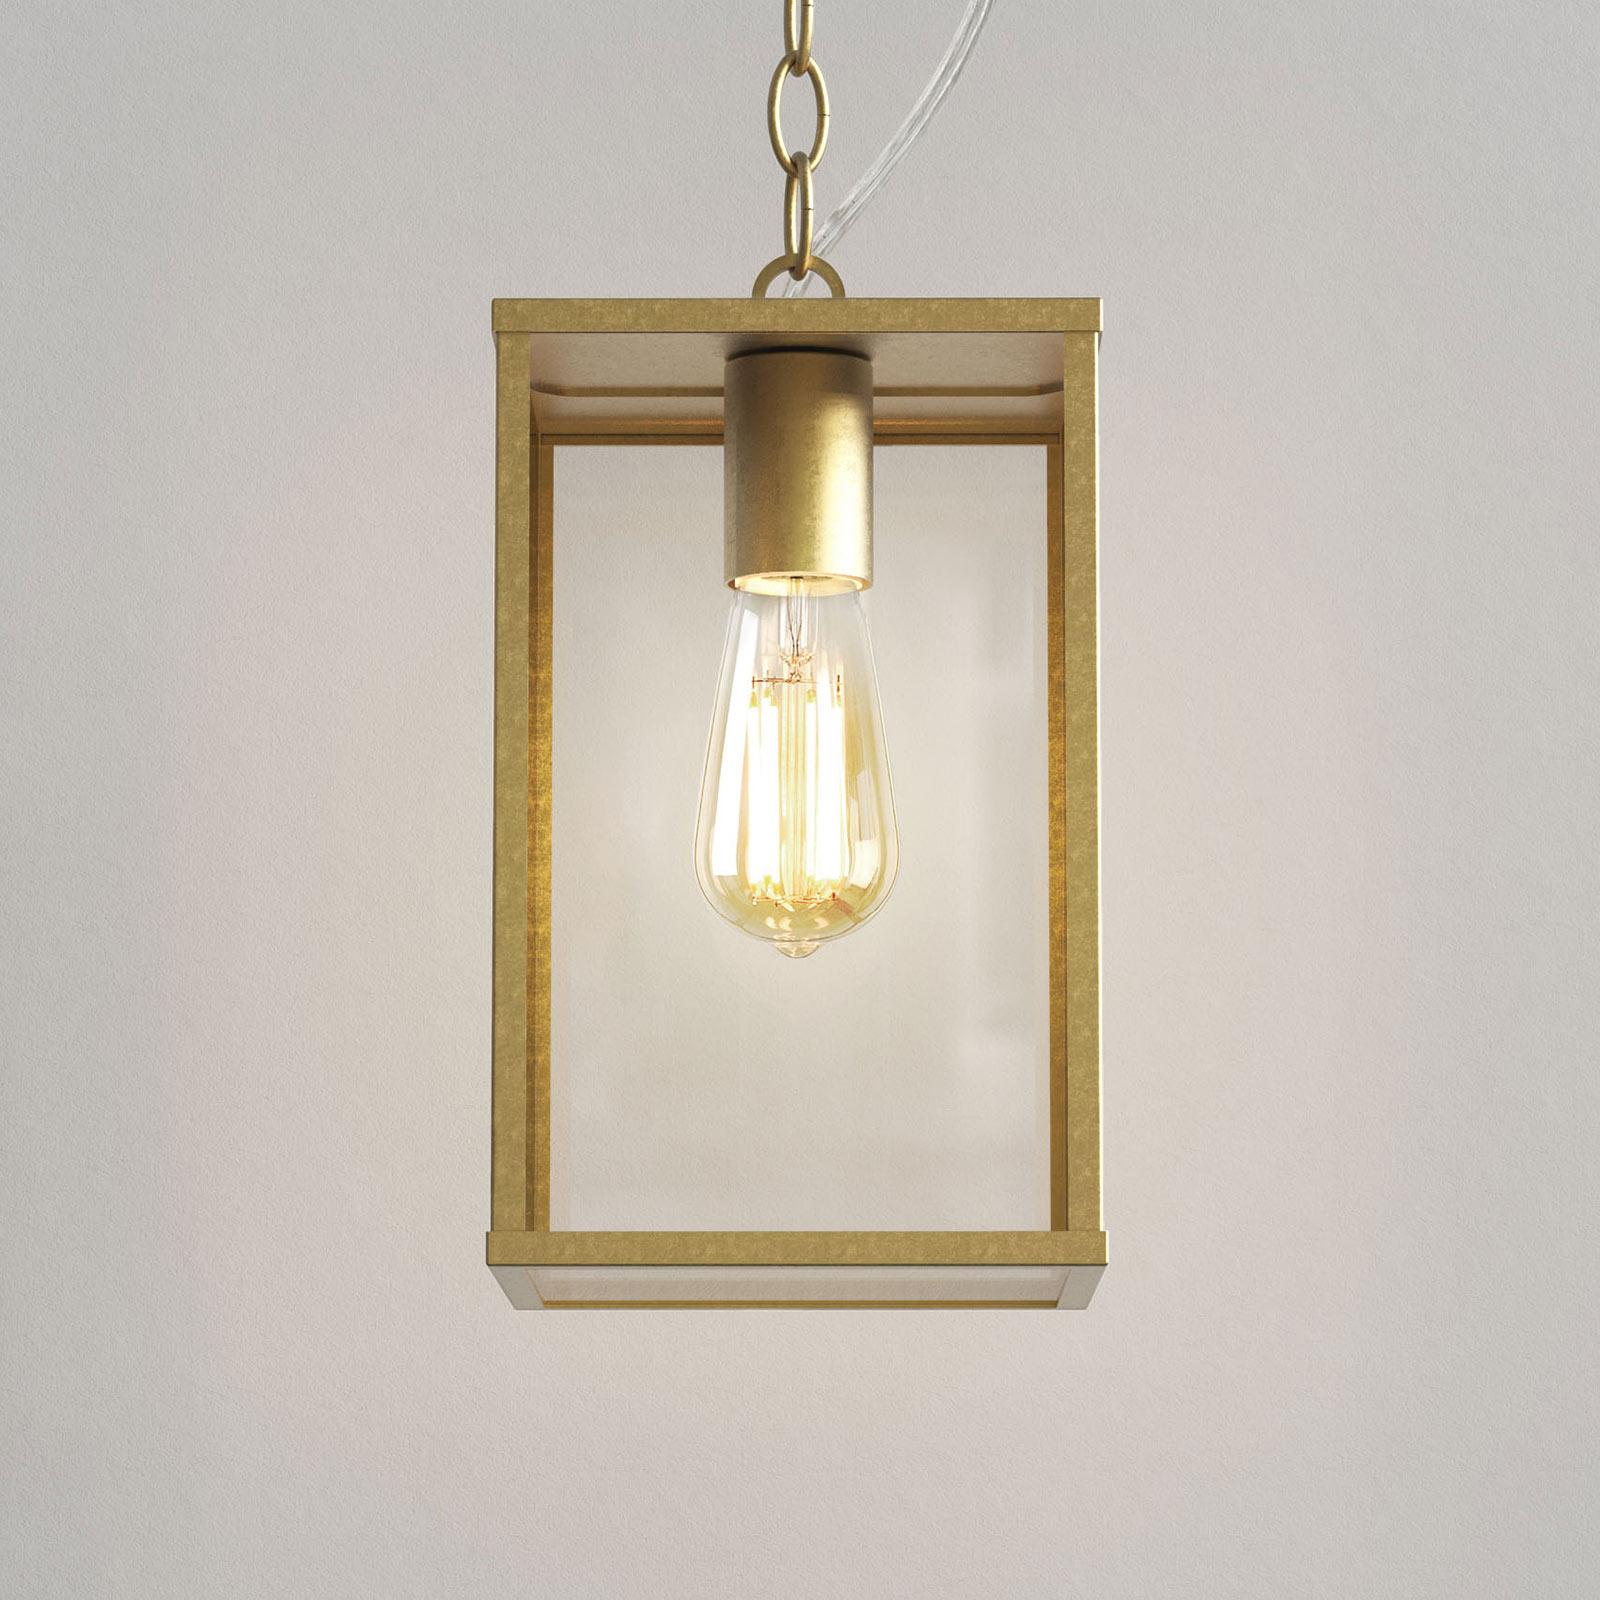 Astro Homefield 240 Coastal udendørs hængelampe